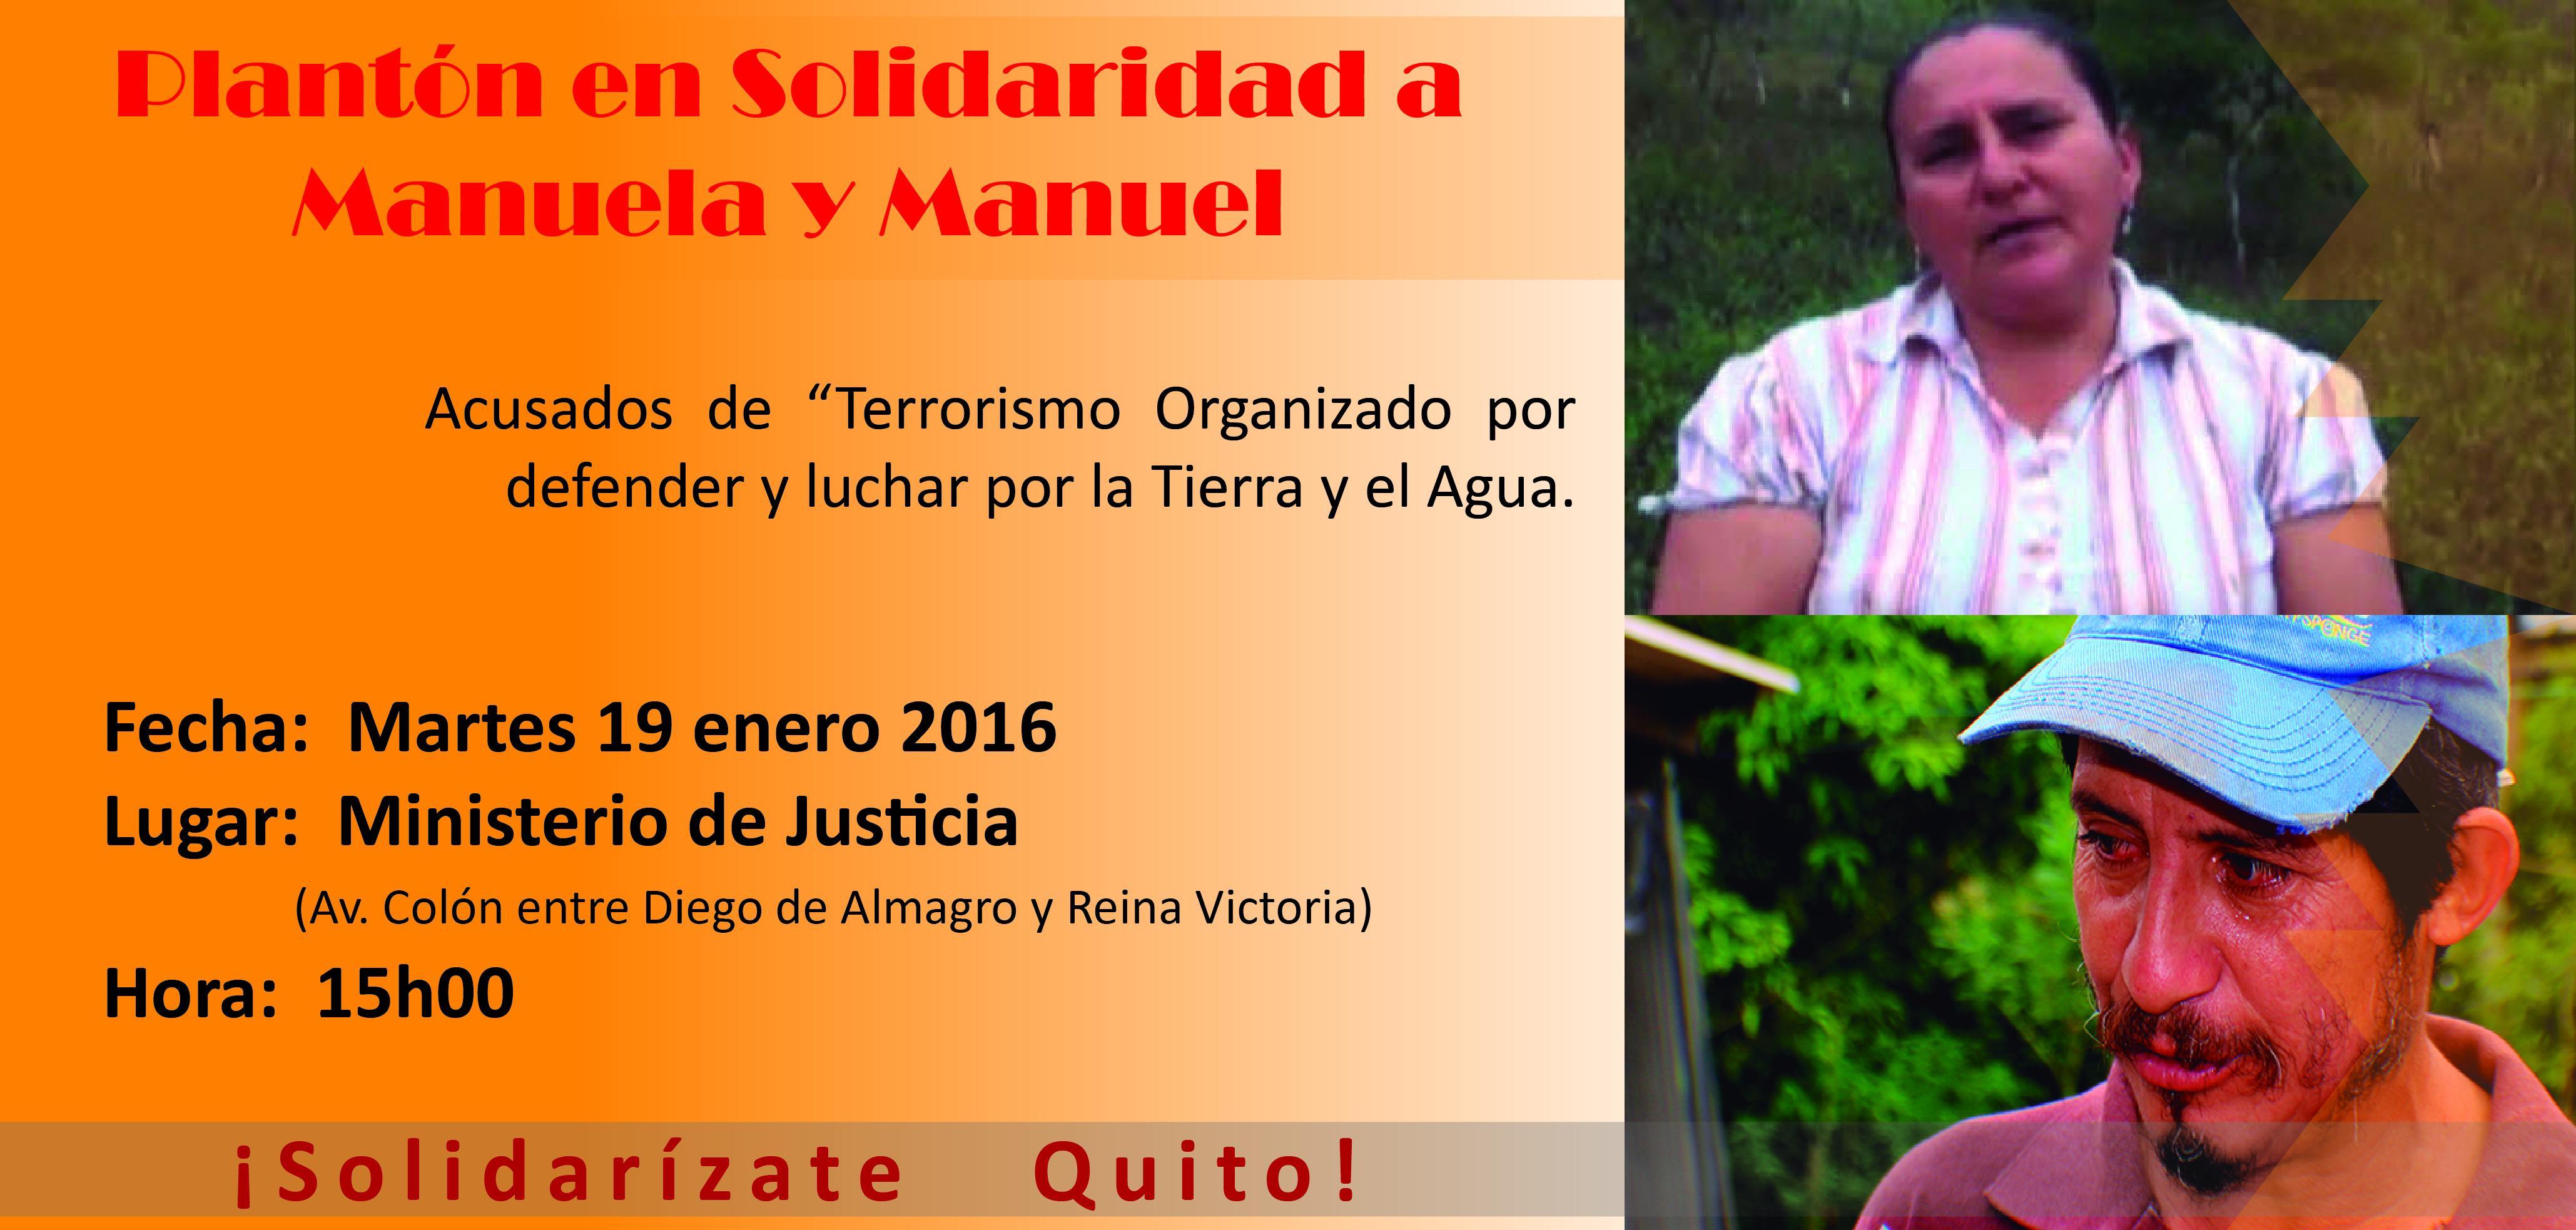 Plantón Quito - Manuela Manuel